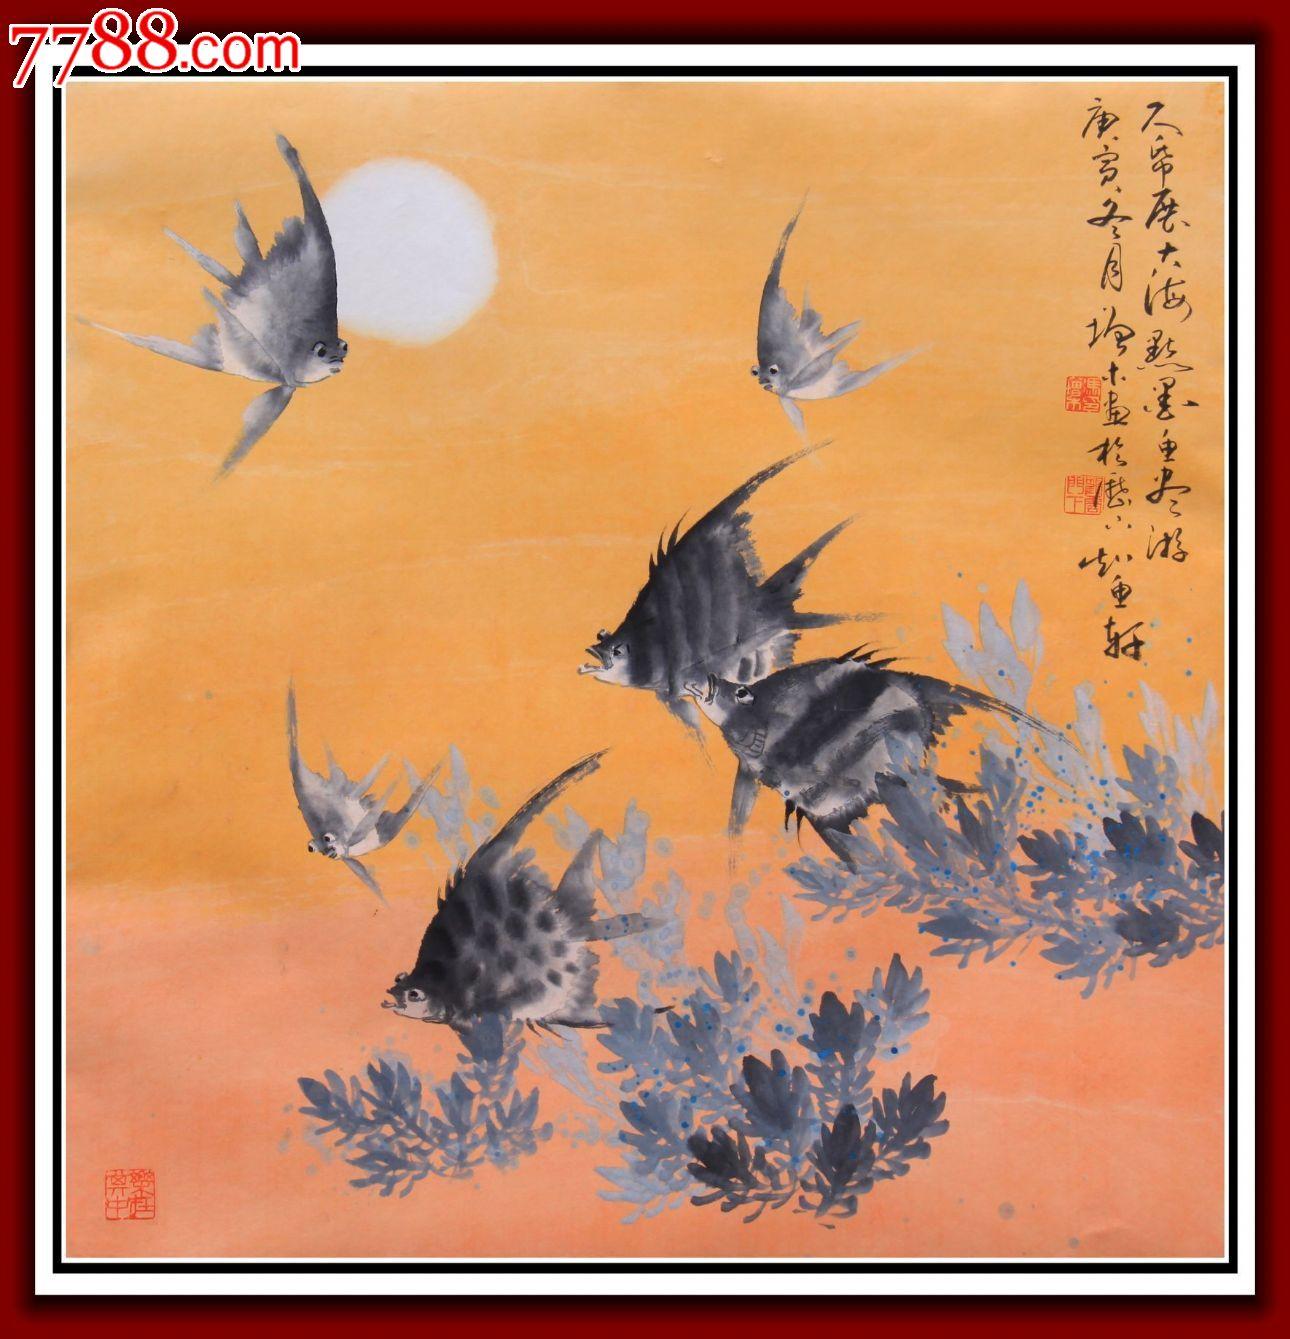 作-花鸟国画原作 属性